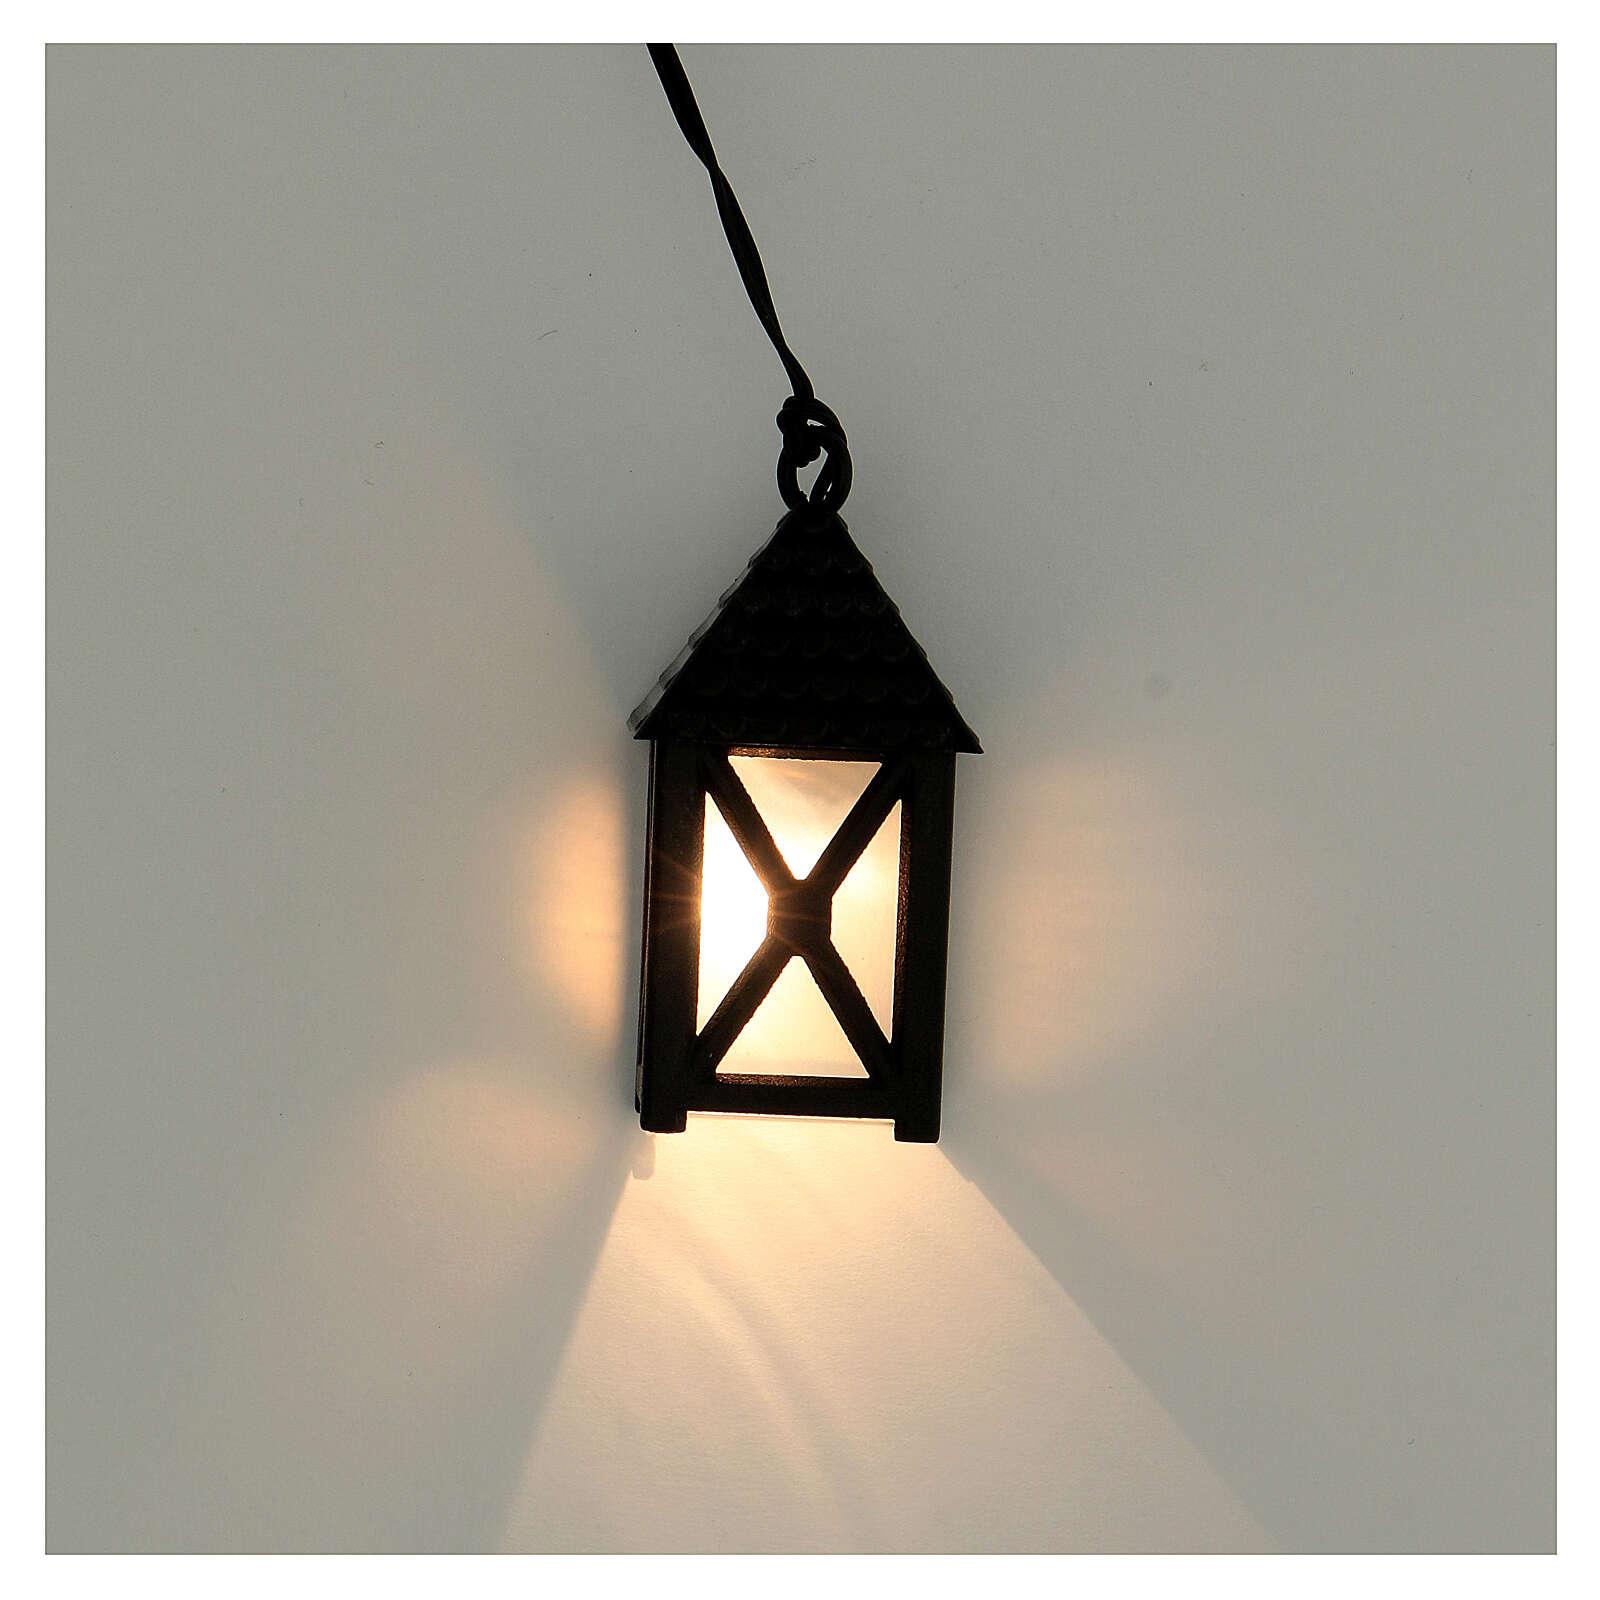 Lanterna de luz branca em miniatura 5 cm baixa voltagem para presépio com figuras altura média 10 cm 4